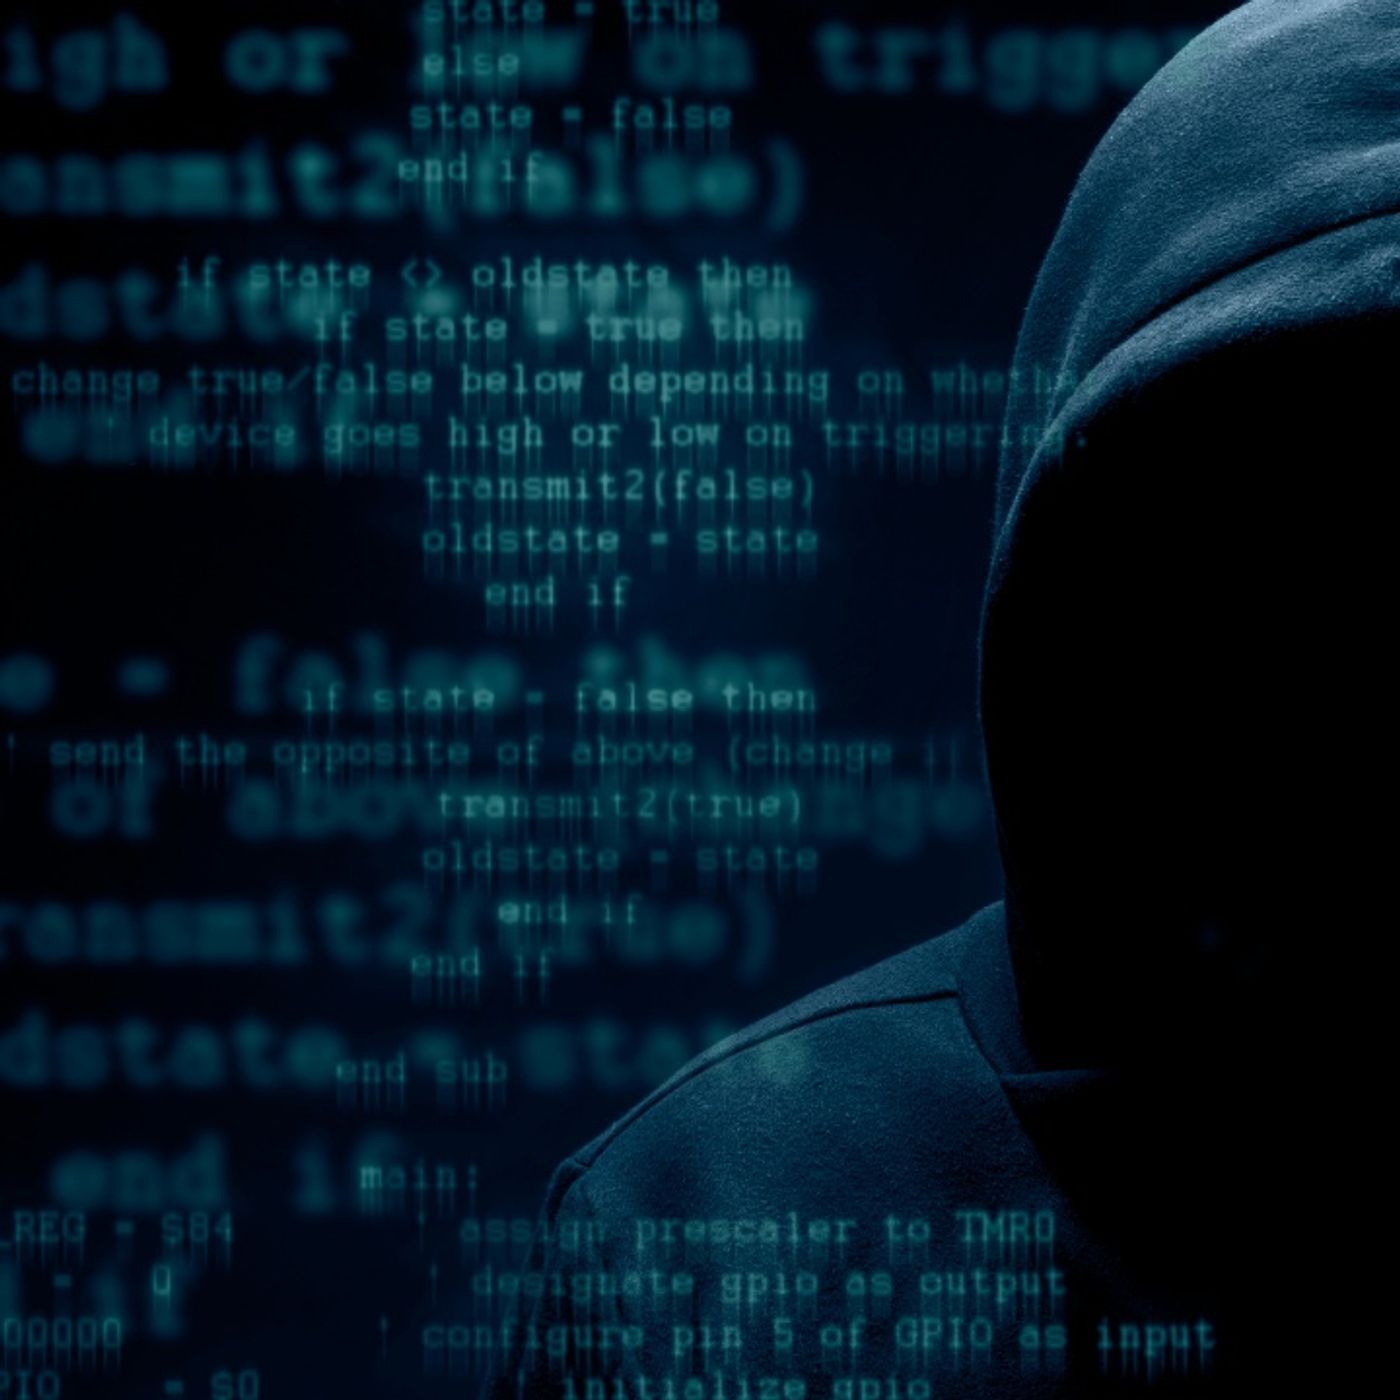 Hacking & Psicologia Criminale | Human & Technology - Live | Con Fabio Carletti